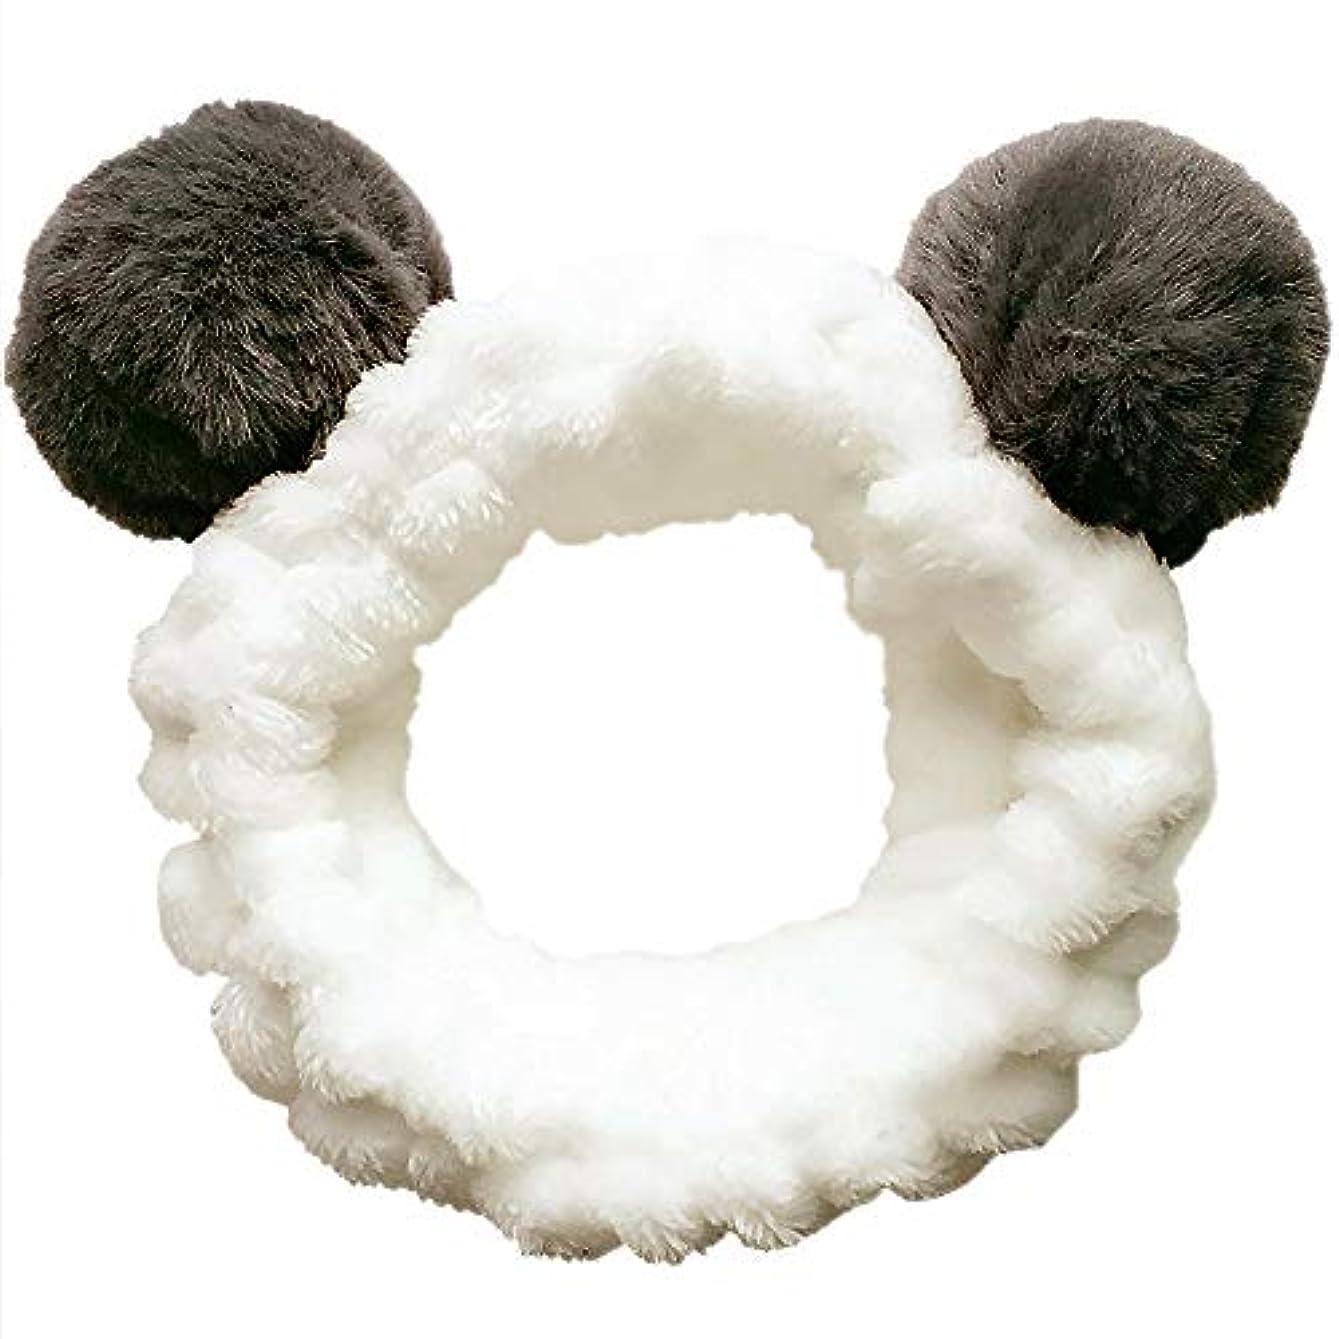 ケント放棄されたウイルスヘアバンド 洗顔 動物 パンダ型 柔らかい 吸水 ターバン レディース ヘアアレンジ 伸縮性あり アニマル ふわふわ